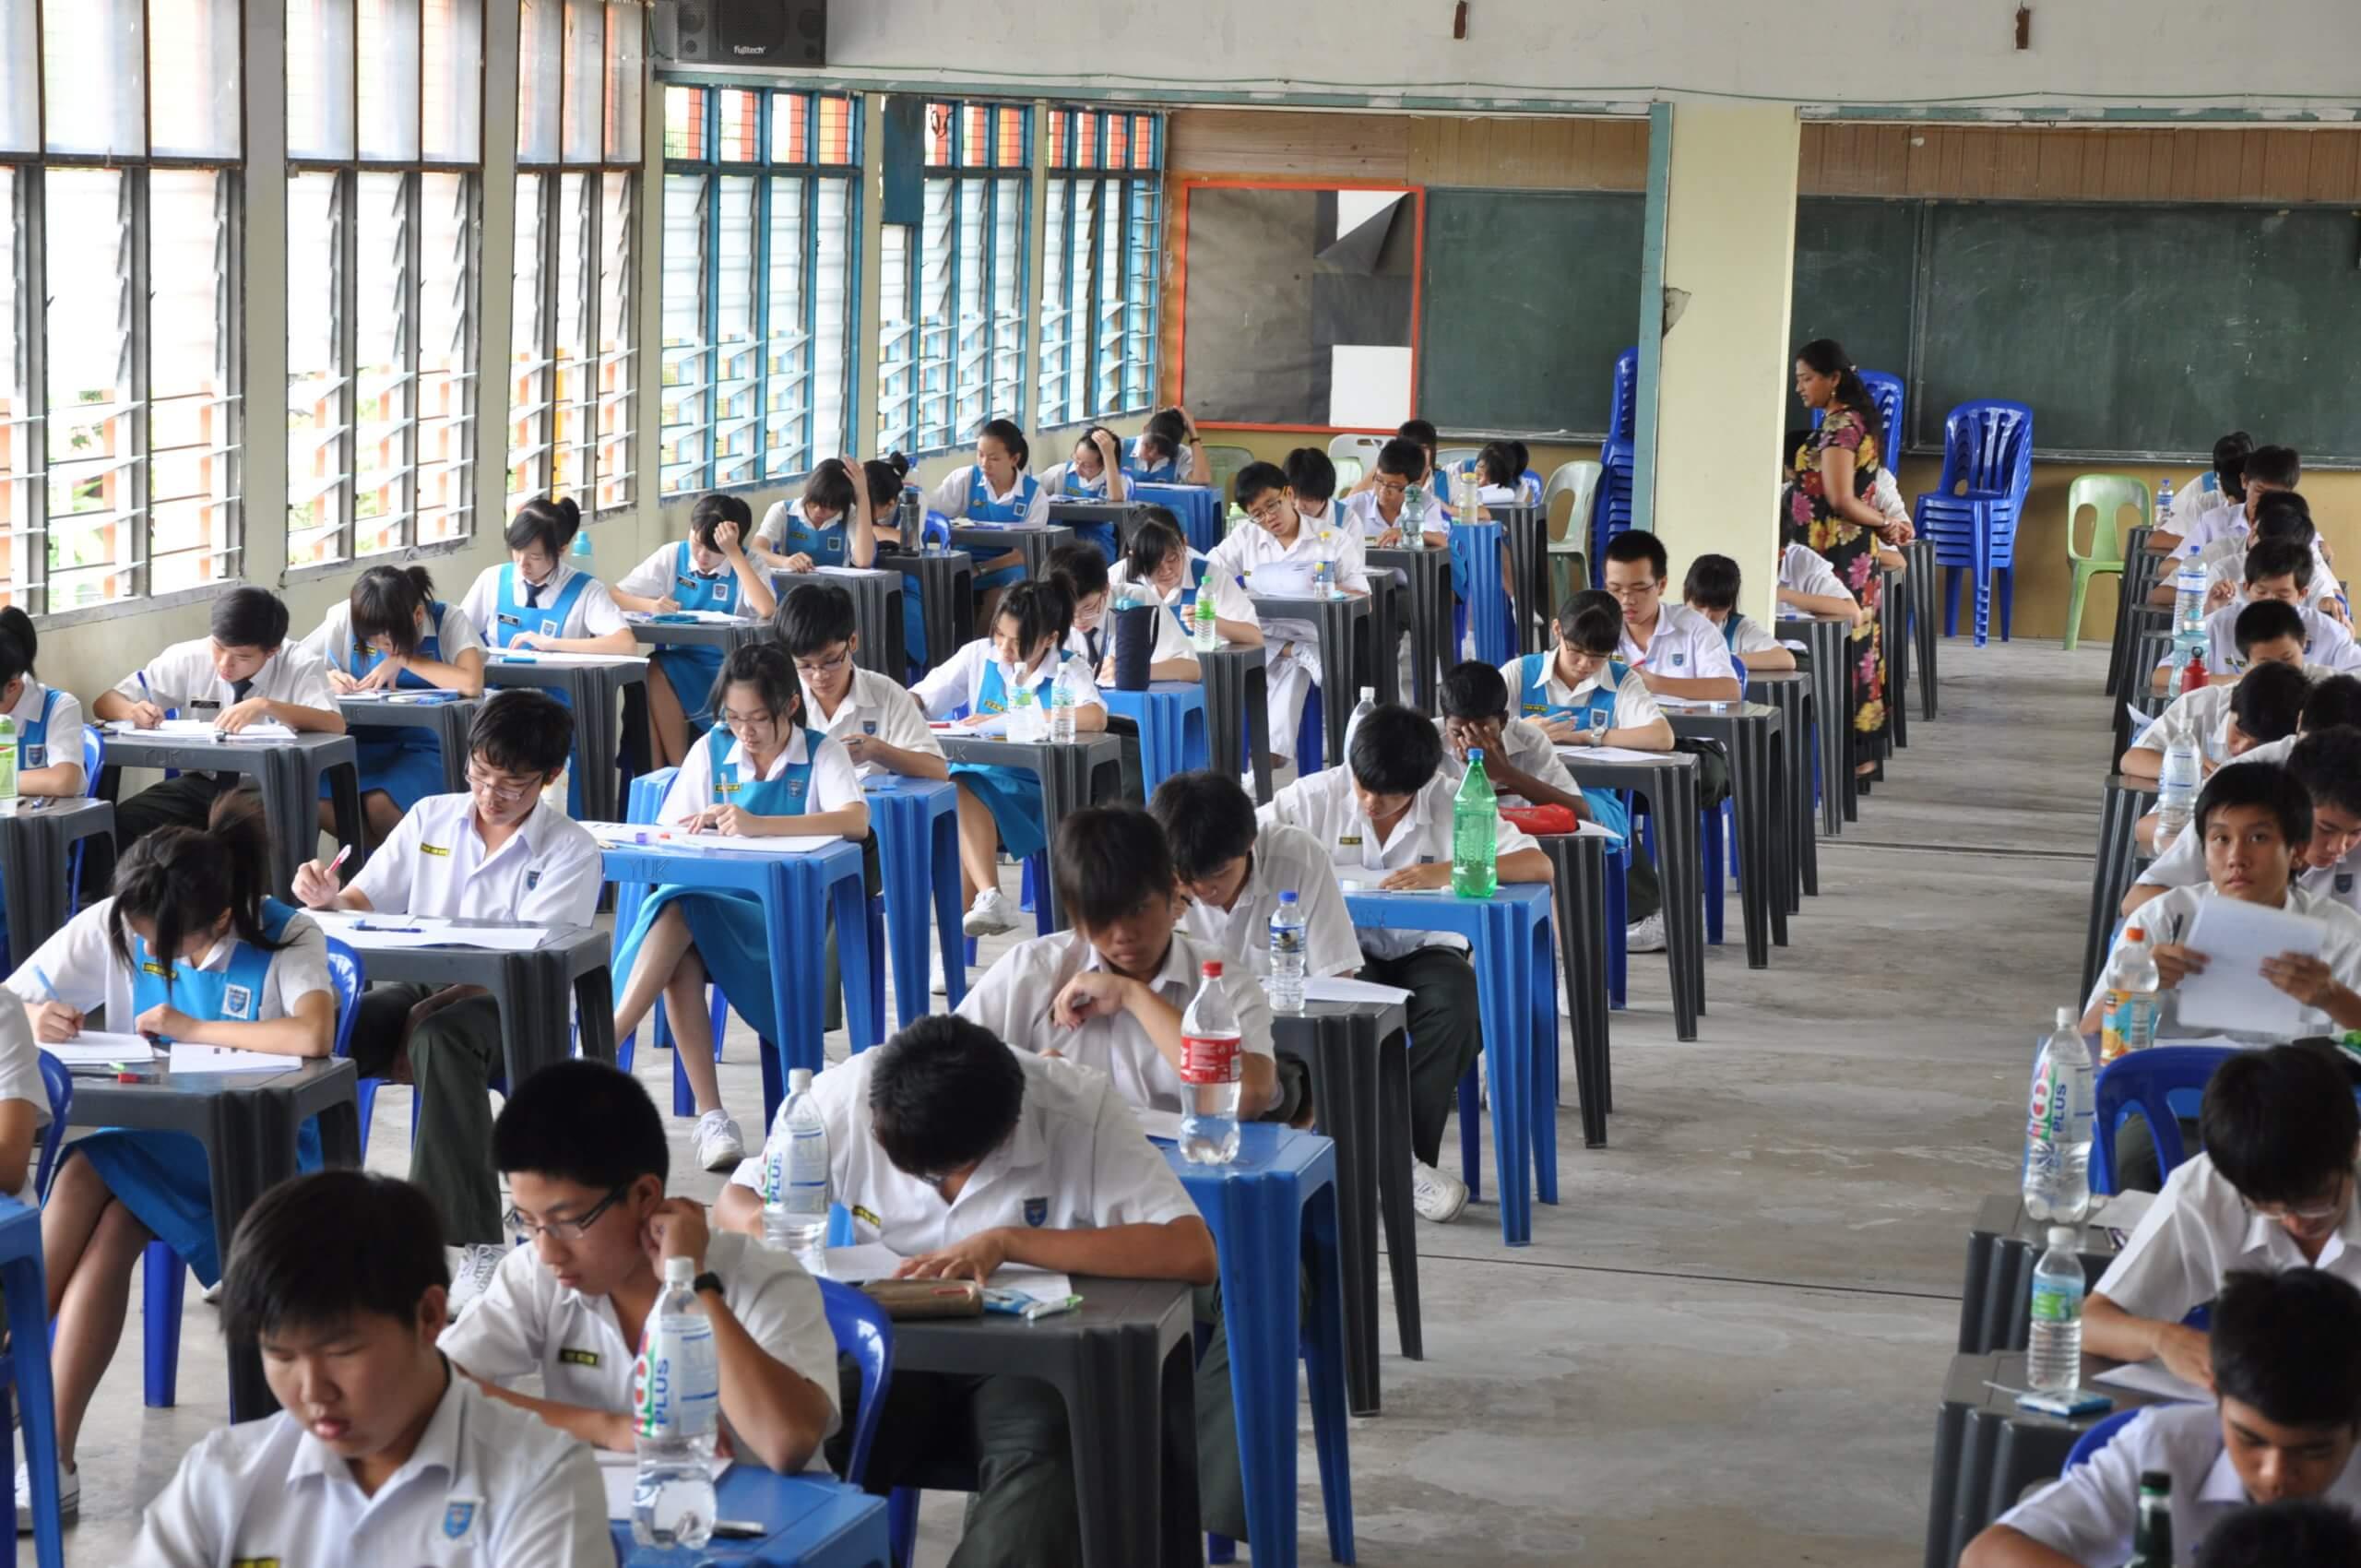 Kementerian Pendidikan Malaysia Umum SPM Ditunda, UPSR Kekal Pada Tarikh Biasa